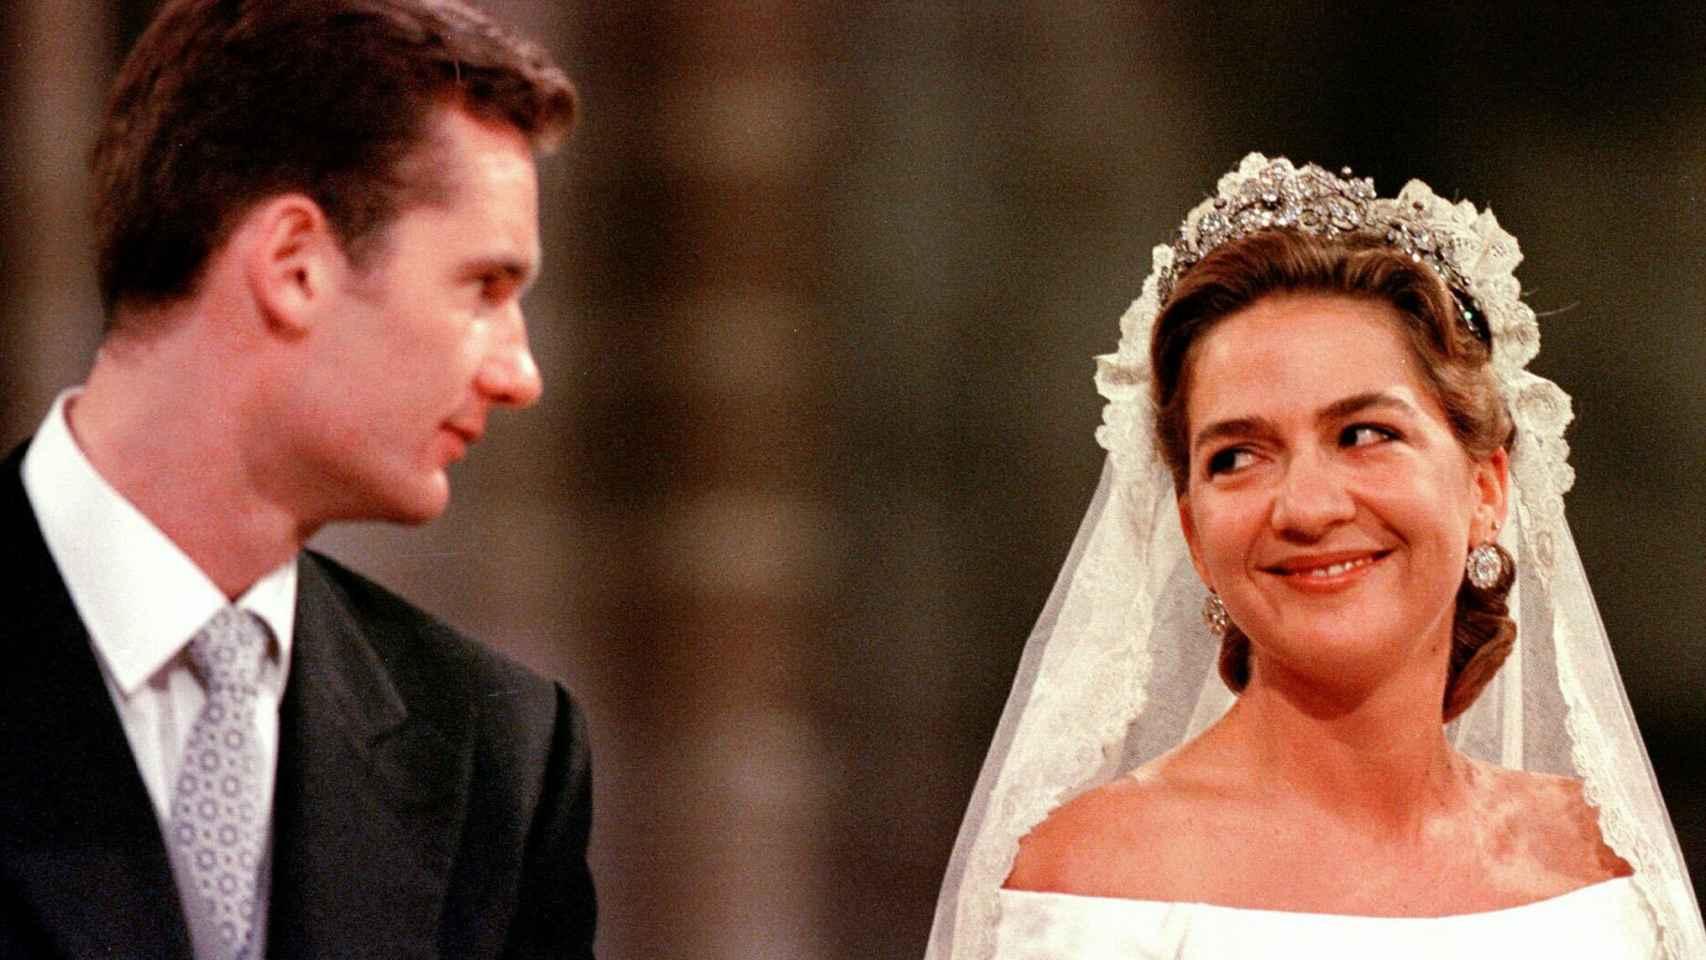 La boda de la infanta Cristina e Iñaki Urdangarin en imágenes